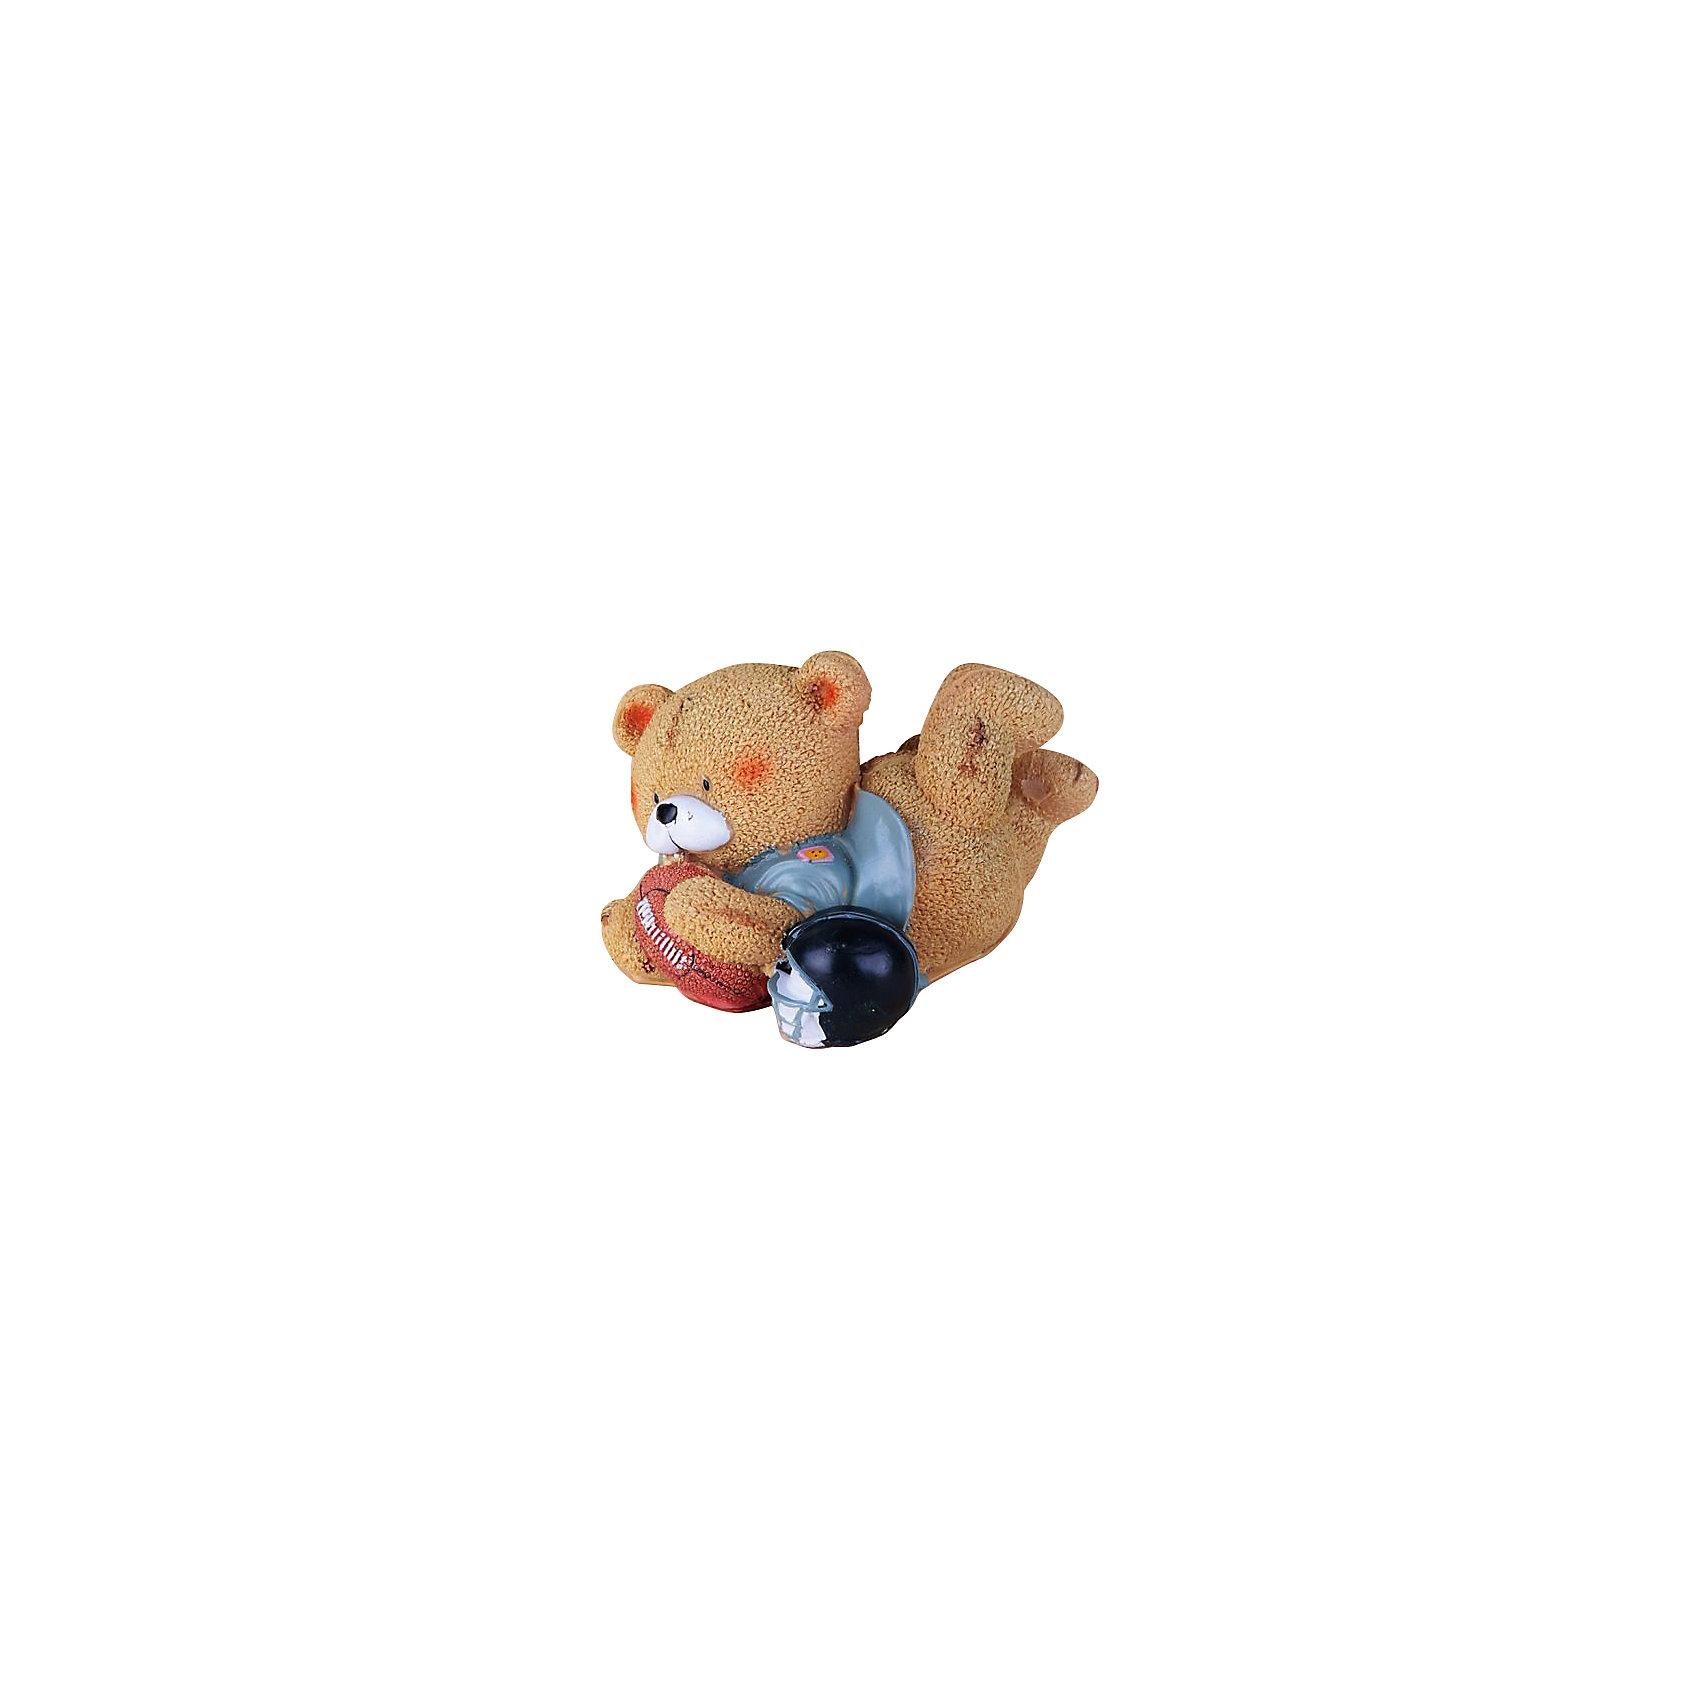 Декоративная фигурка Мишка-регбистМилая декоративная фигурка Мишка-регбист станет прекрасным подарком или памятным сувениром на любой праздник. <br><br>Дополнительная информация:<br><br>- Материал: полирезина.<br>- Размер: 11х9,5х14 см.<br><br>Декоративную фигурку Мишка-регбист можно купить в нашем магазине.<br><br>Ширина мм: 140<br>Глубина мм: 120<br>Высота мм: 110<br>Вес г: 244<br>Возраст от месяцев: 36<br>Возраст до месяцев: 2147483647<br>Пол: Мужской<br>Возраст: Детский<br>SKU: 4087371